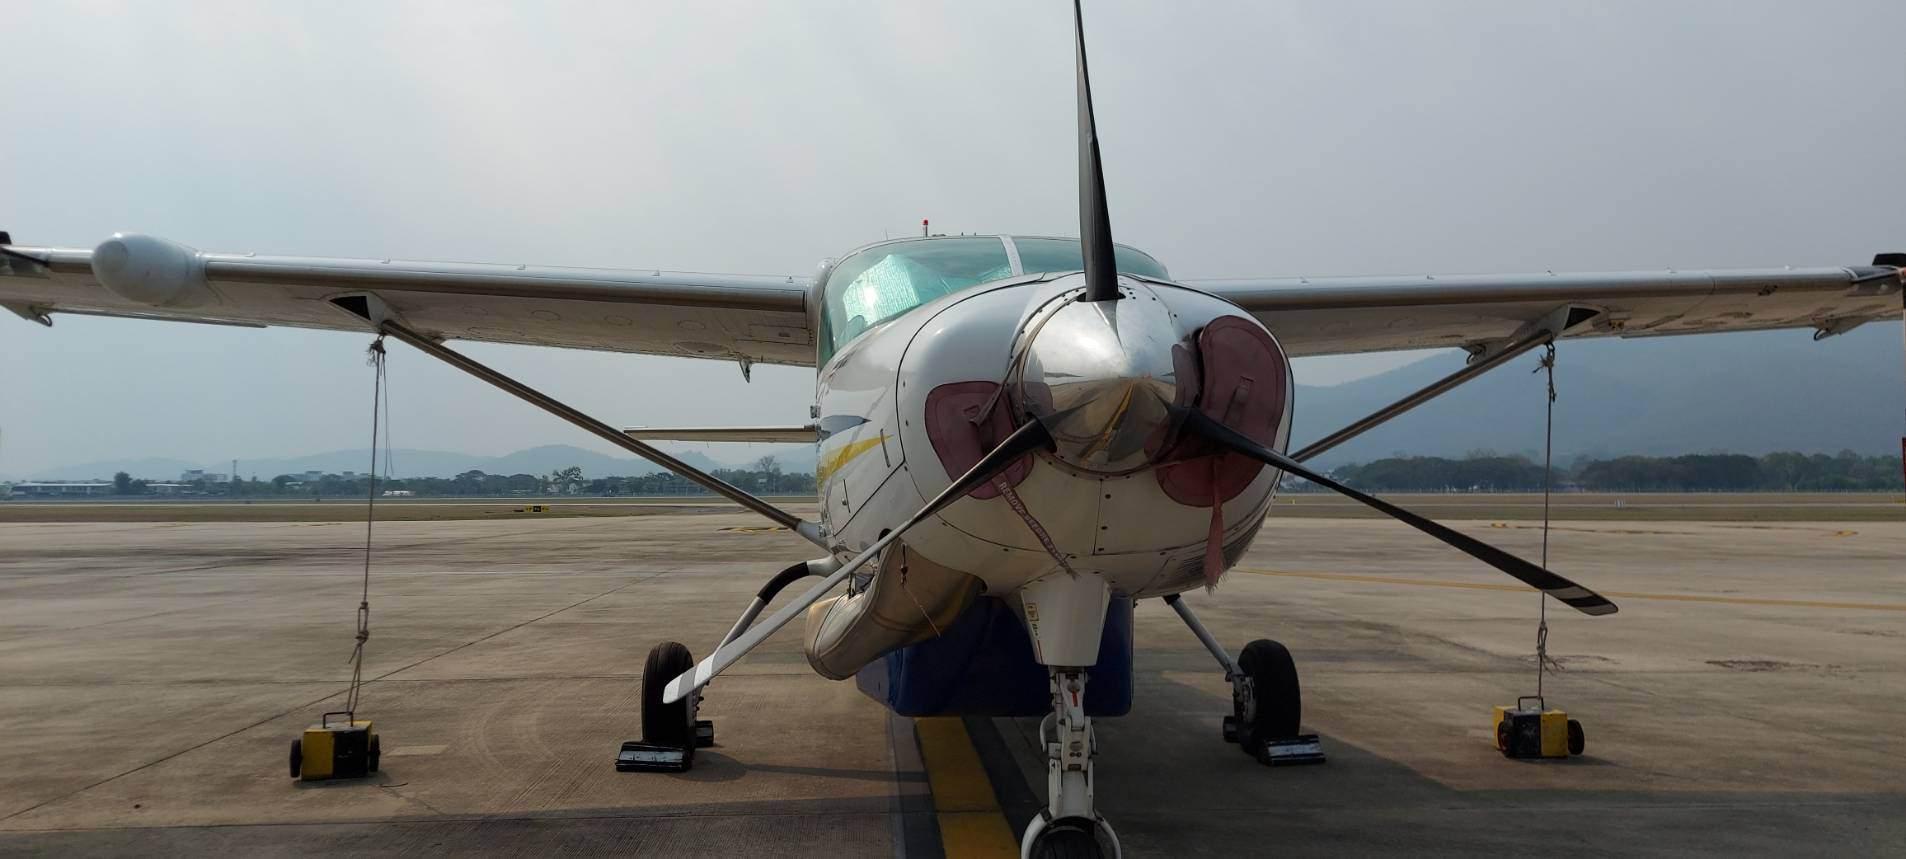 Cessna leasing